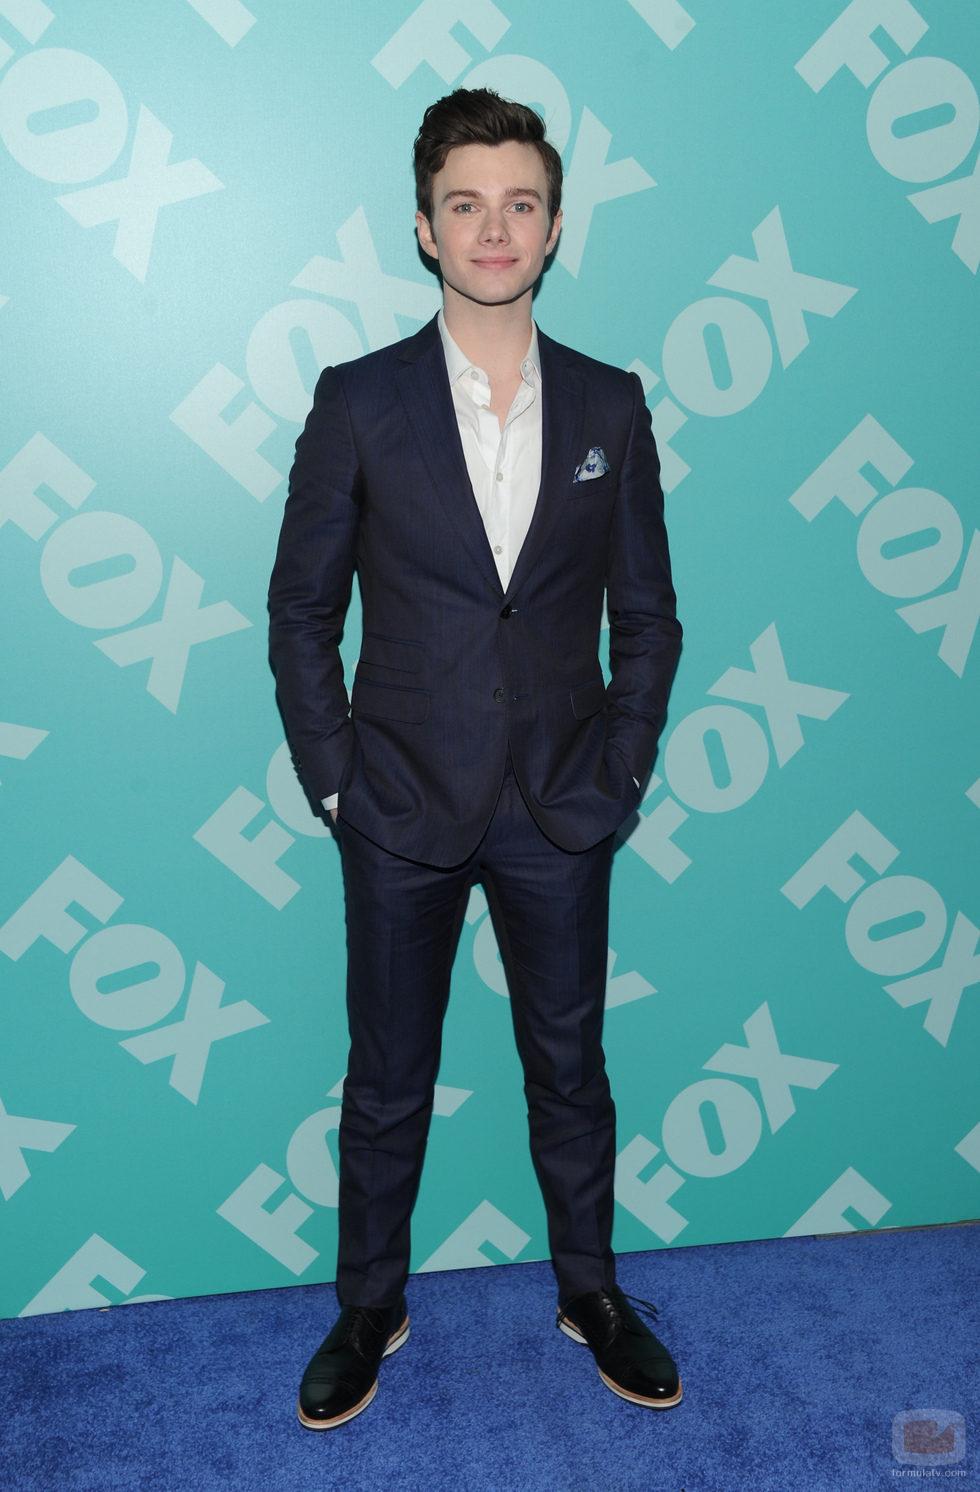 Chris Colfer ('Glee') en los Upfronts 2013 de Fox